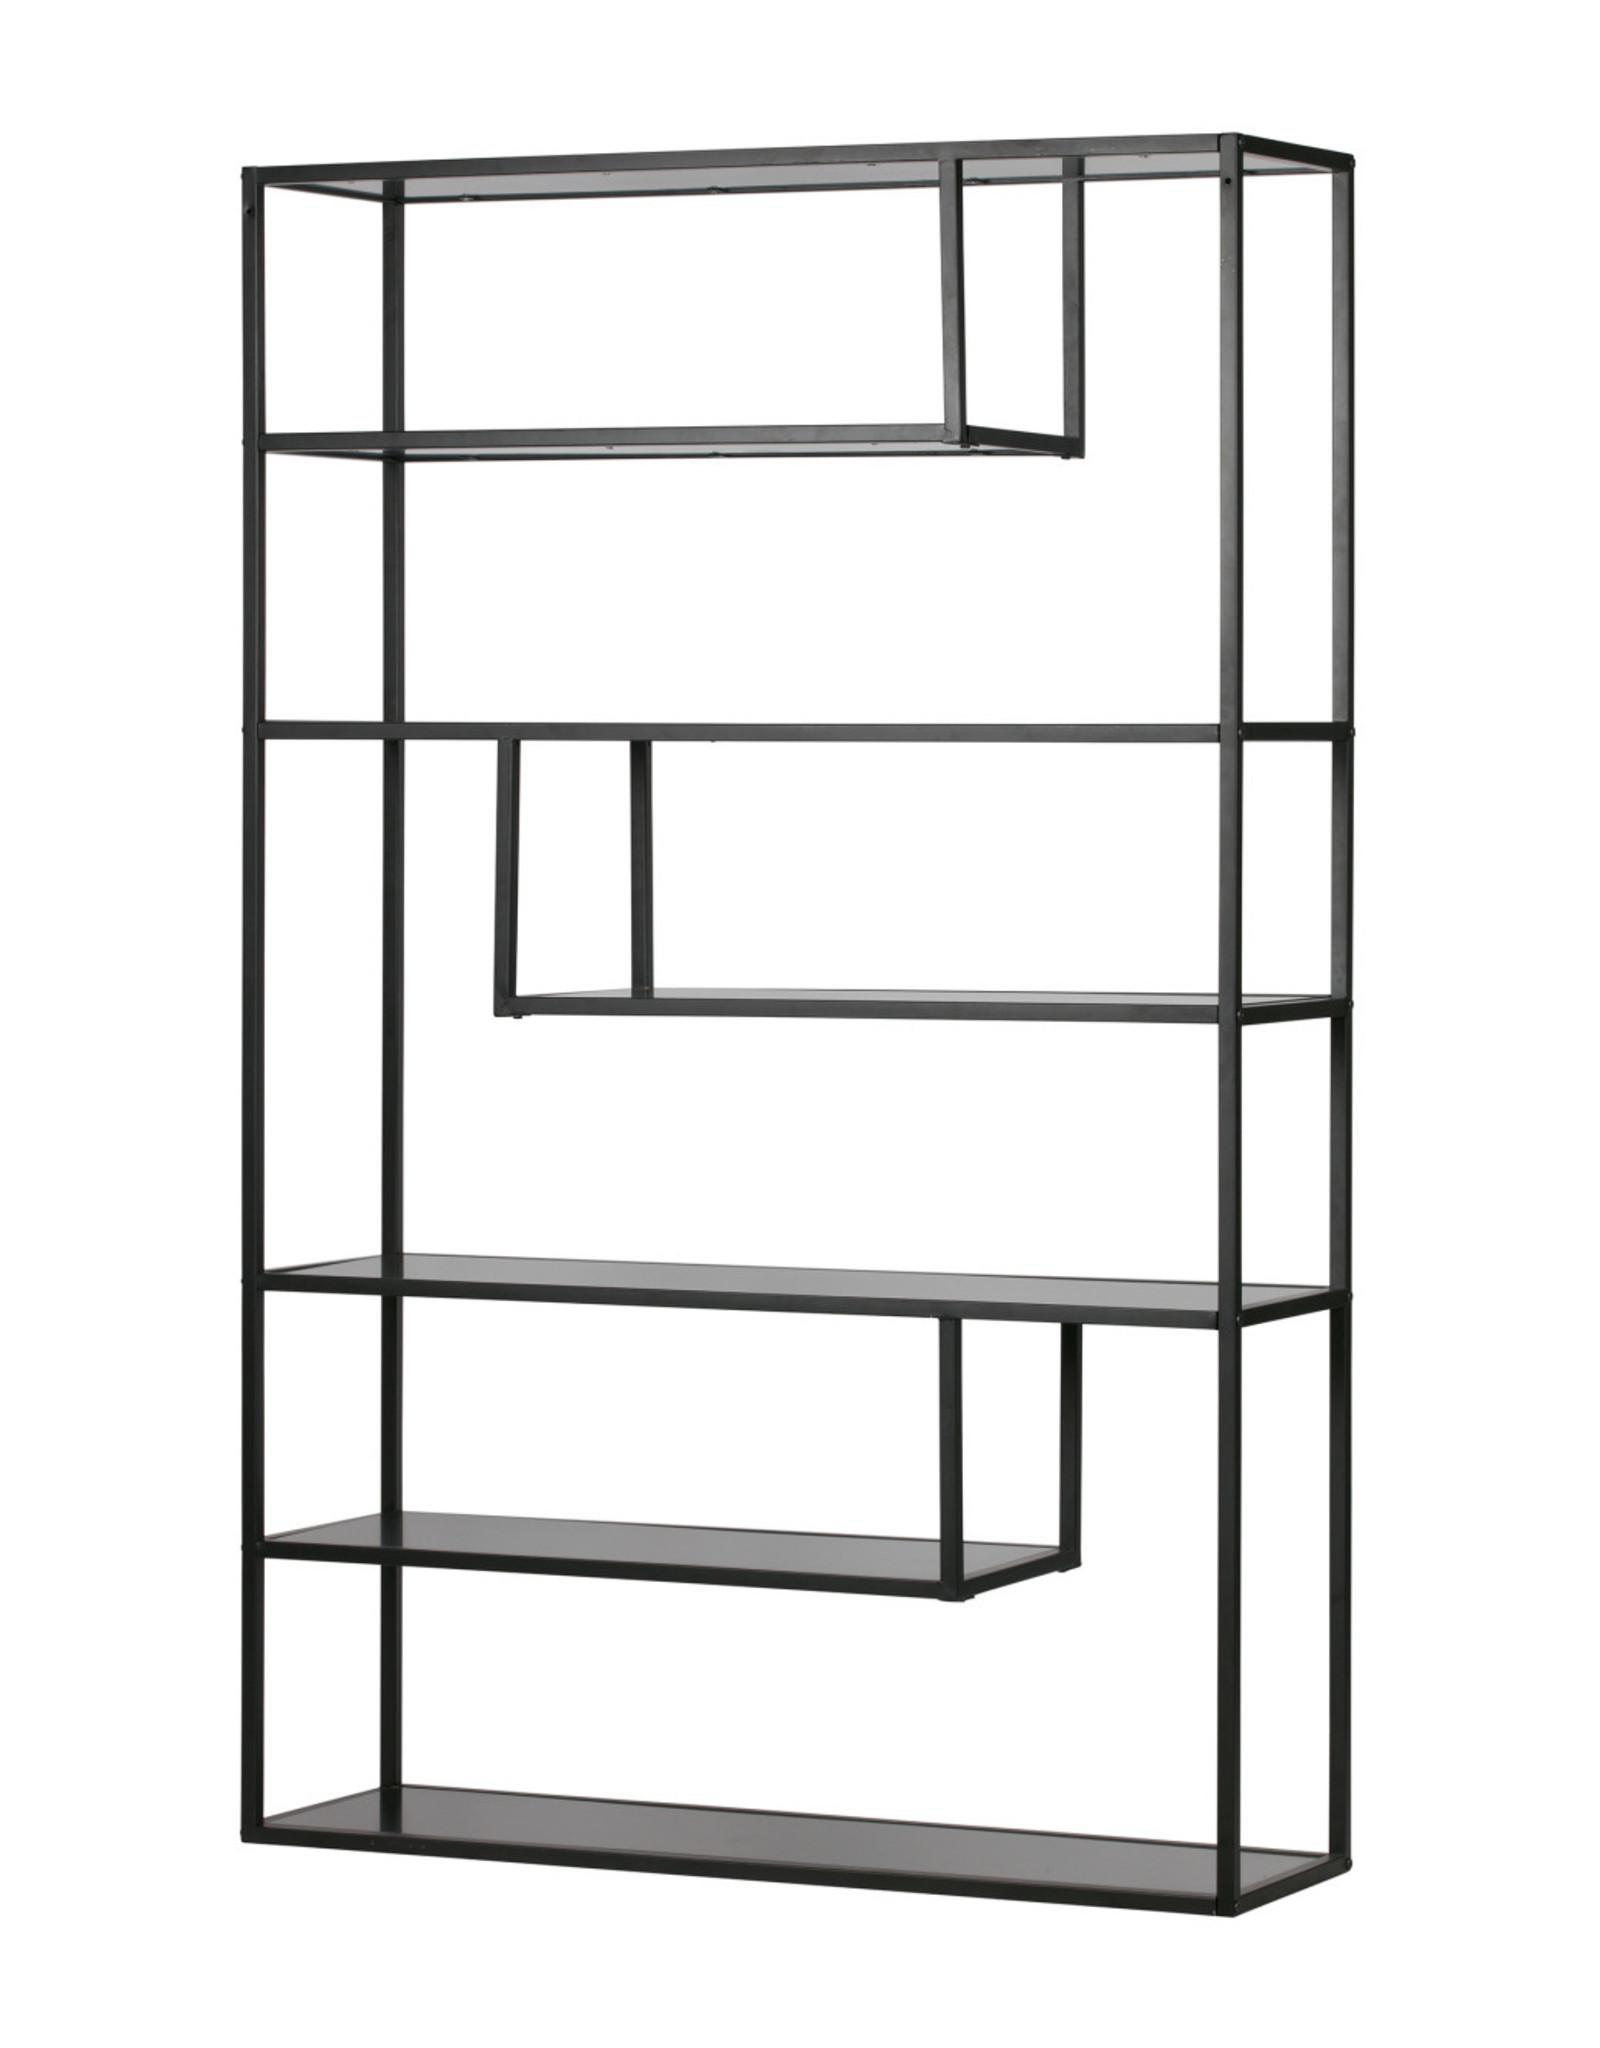 Wandkast/Boekenrek B120 cm- zwart metaal